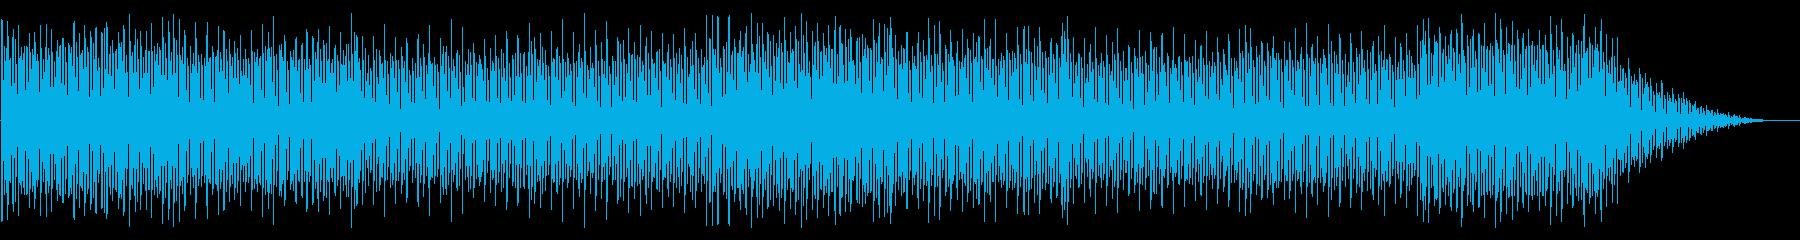 キラキラな明るいハウス系4つ打ちBGMの再生済みの波形